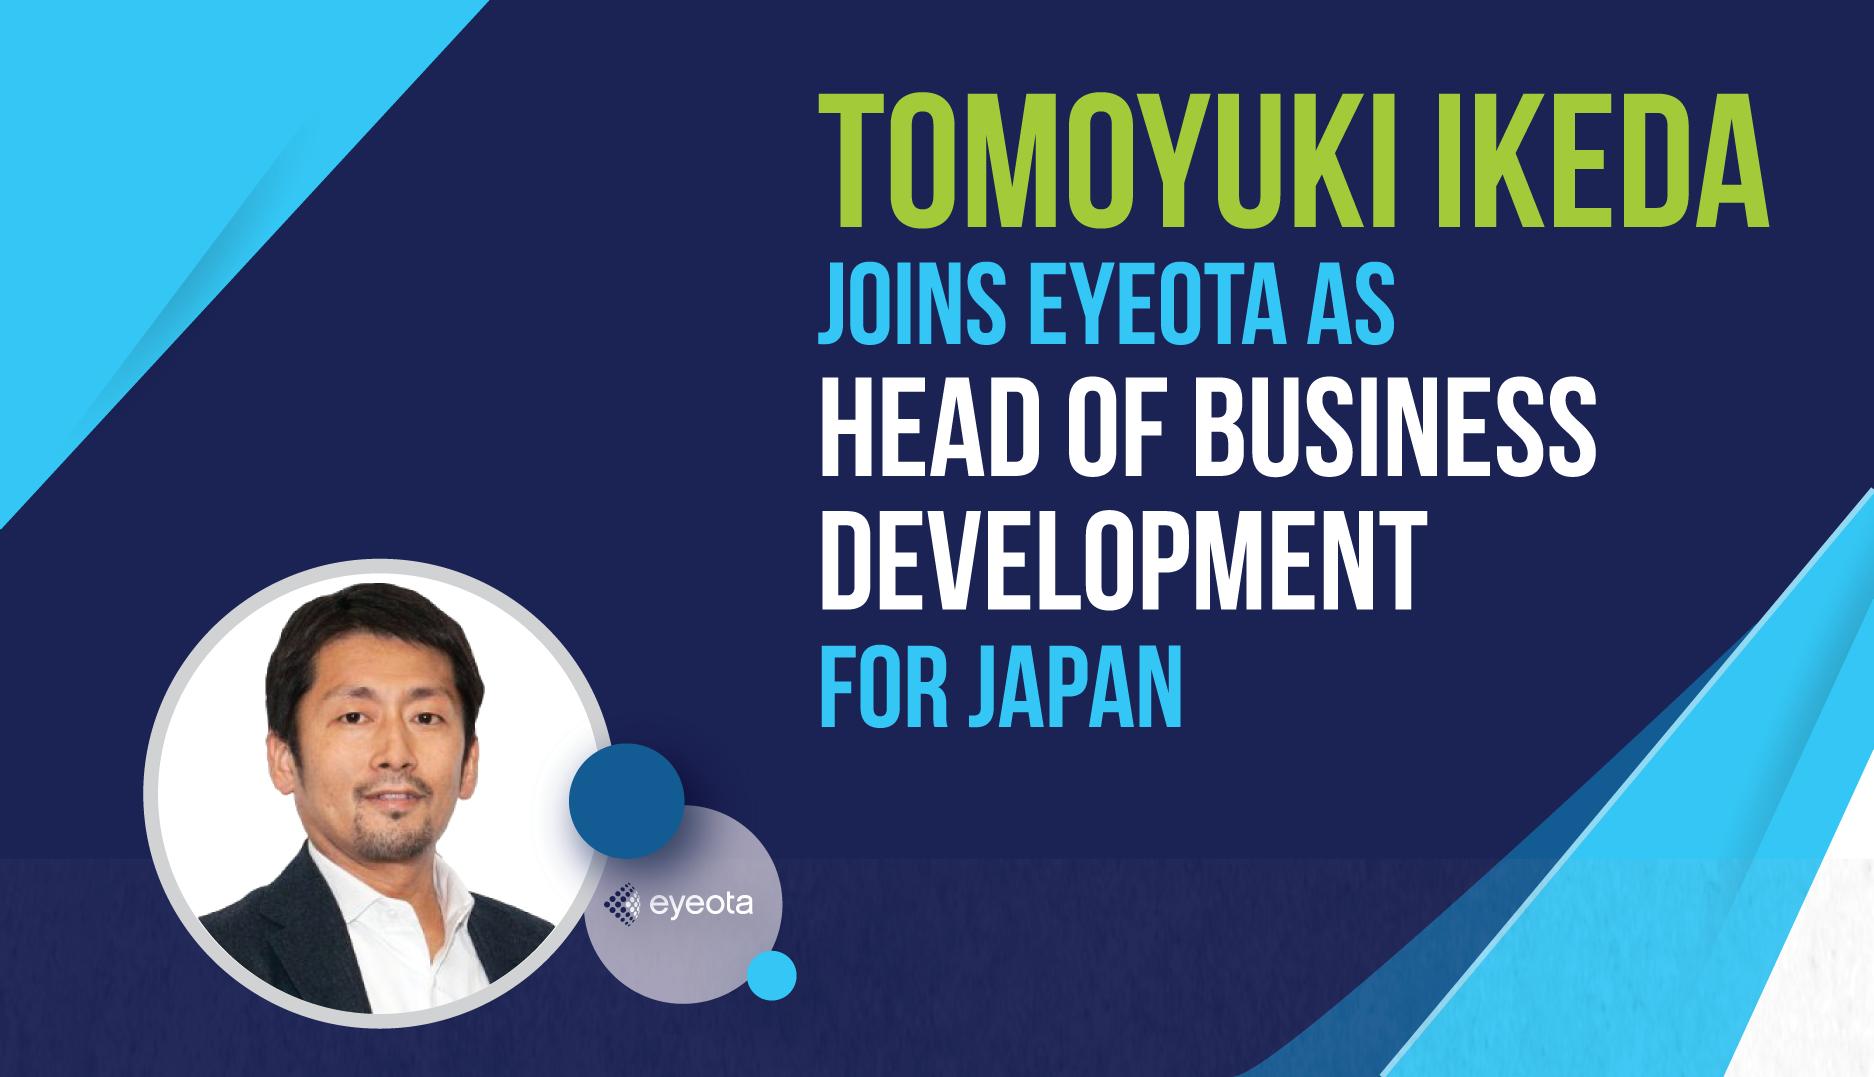 Eyeota Hires Tomoyuki Ikeda